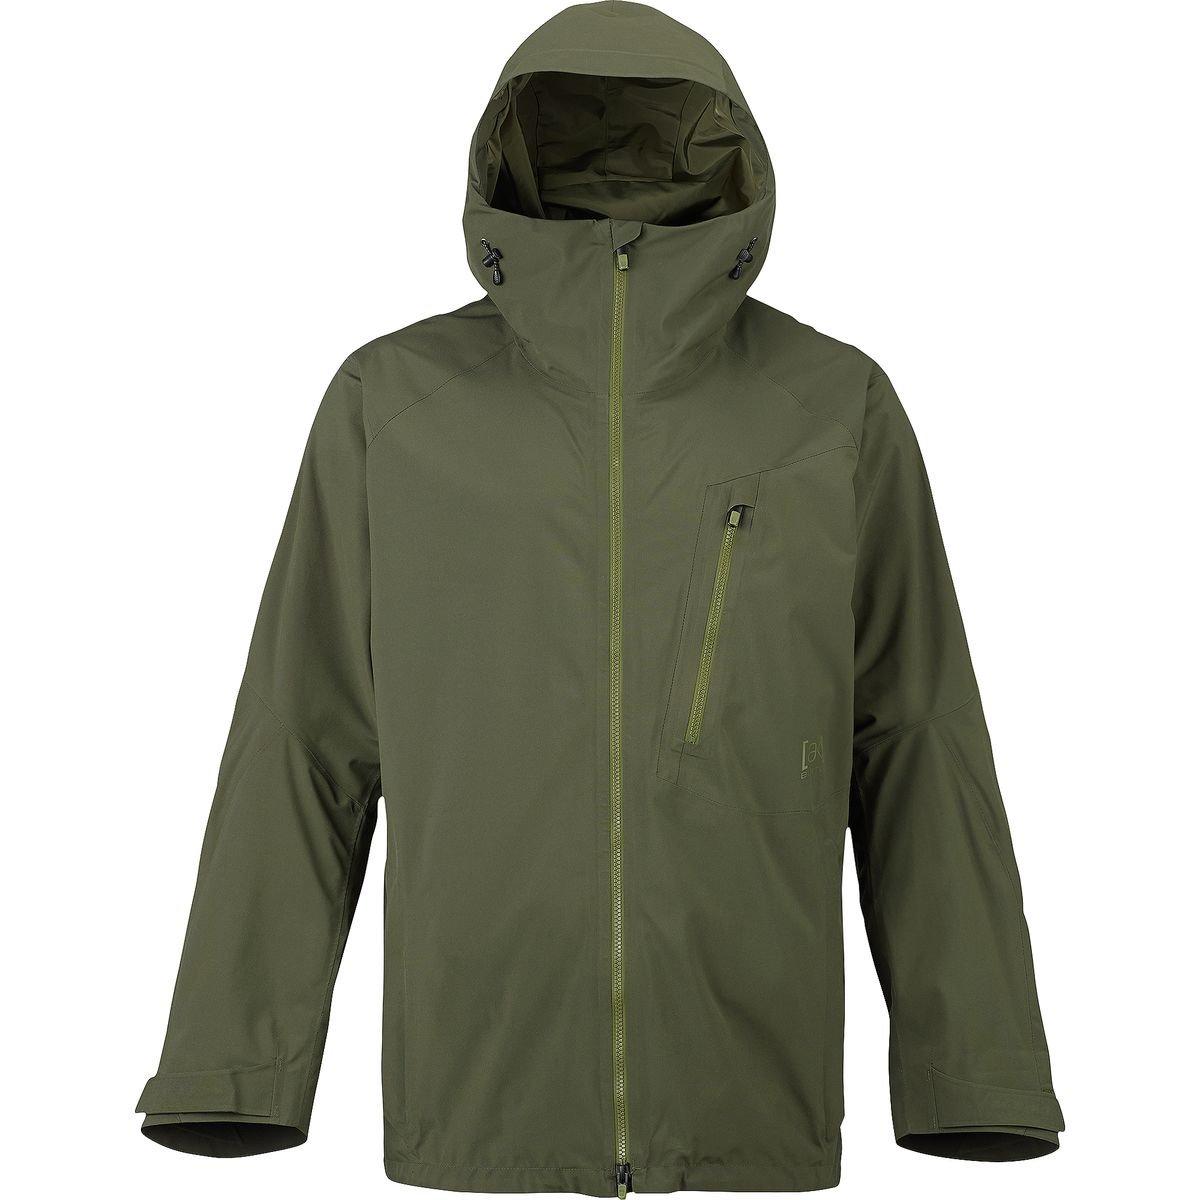 (バートン) Burton AK 2L Cyclic Gore-Tex Jacket メンズ ジャケットForest Night [並行輸入品] B076WNQDSH  Forest Night 日本サイズ L (US M)